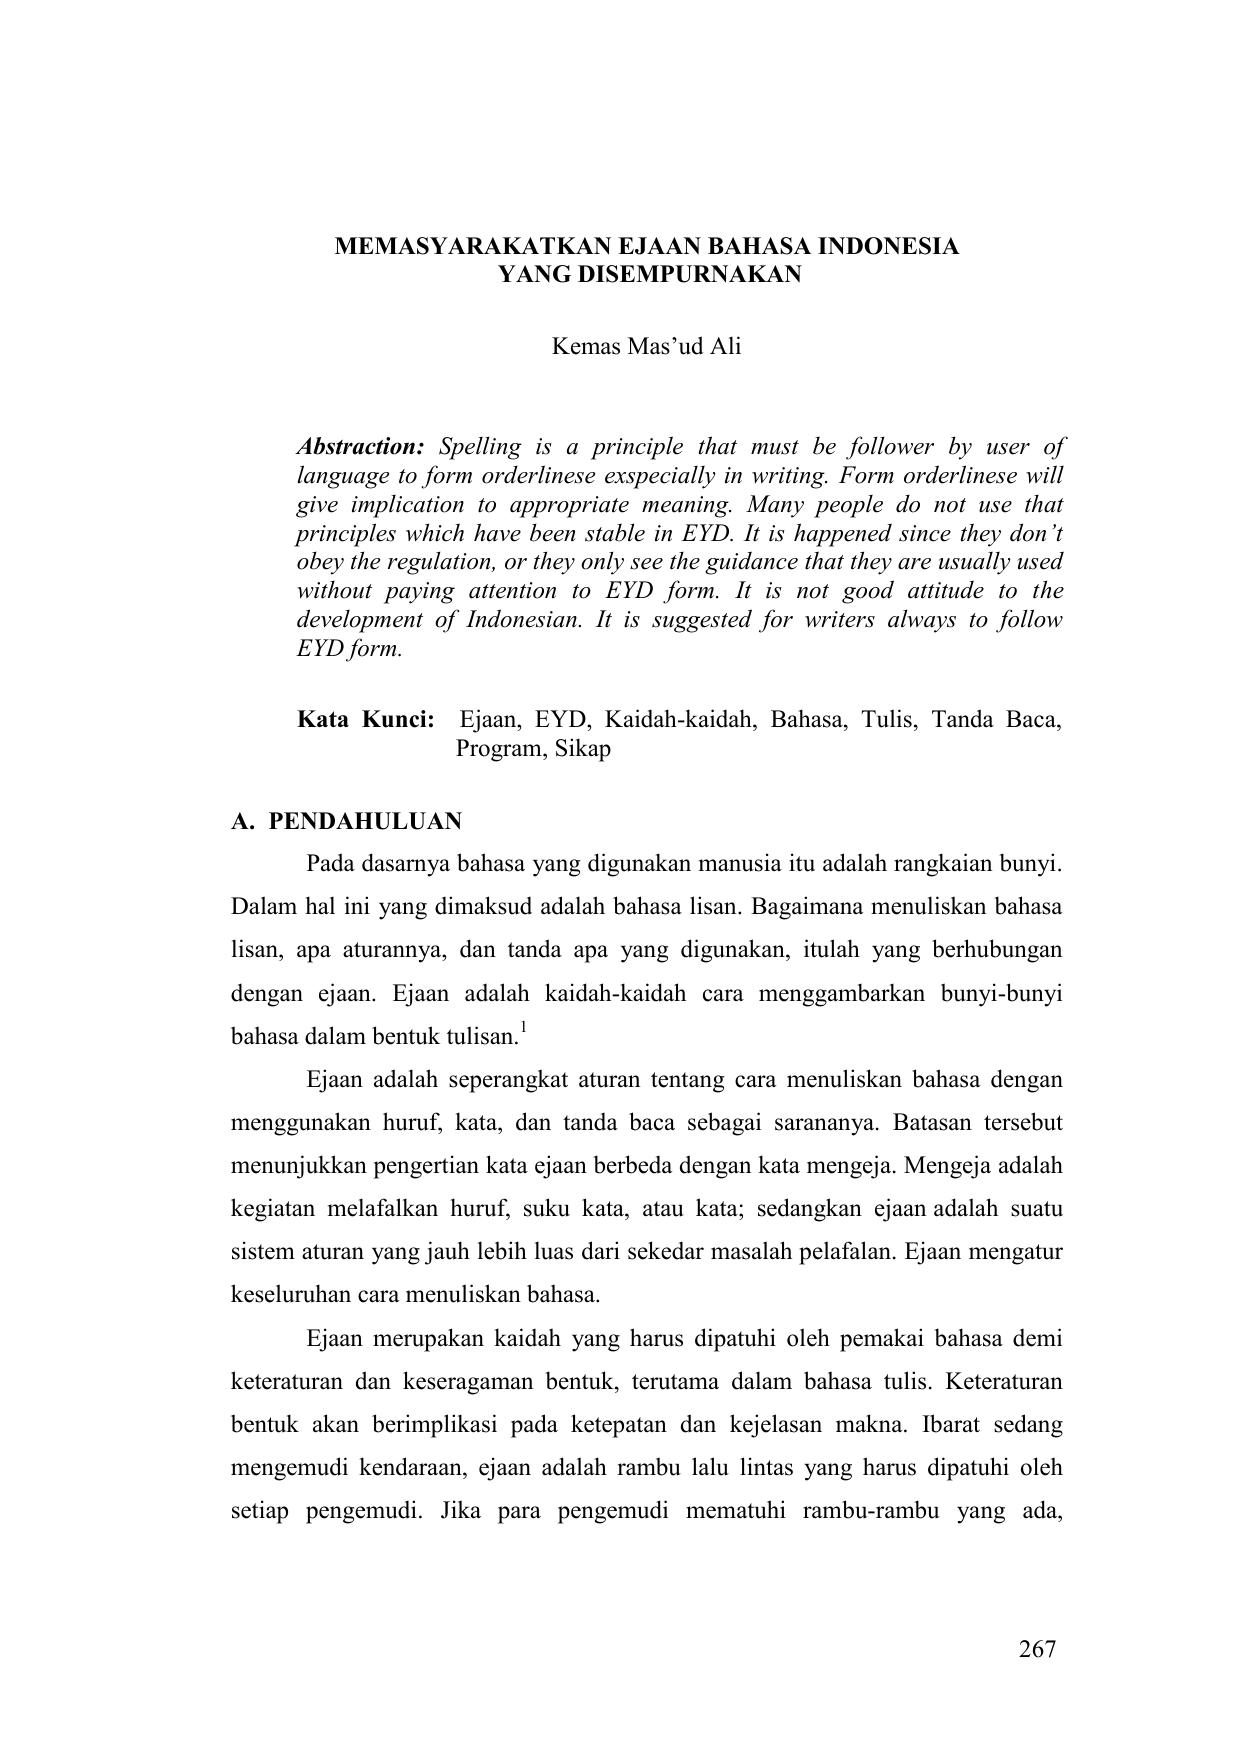 Apa Pengertian Dari Ejaan Bahasa Indonesia Yang Disempurnakan